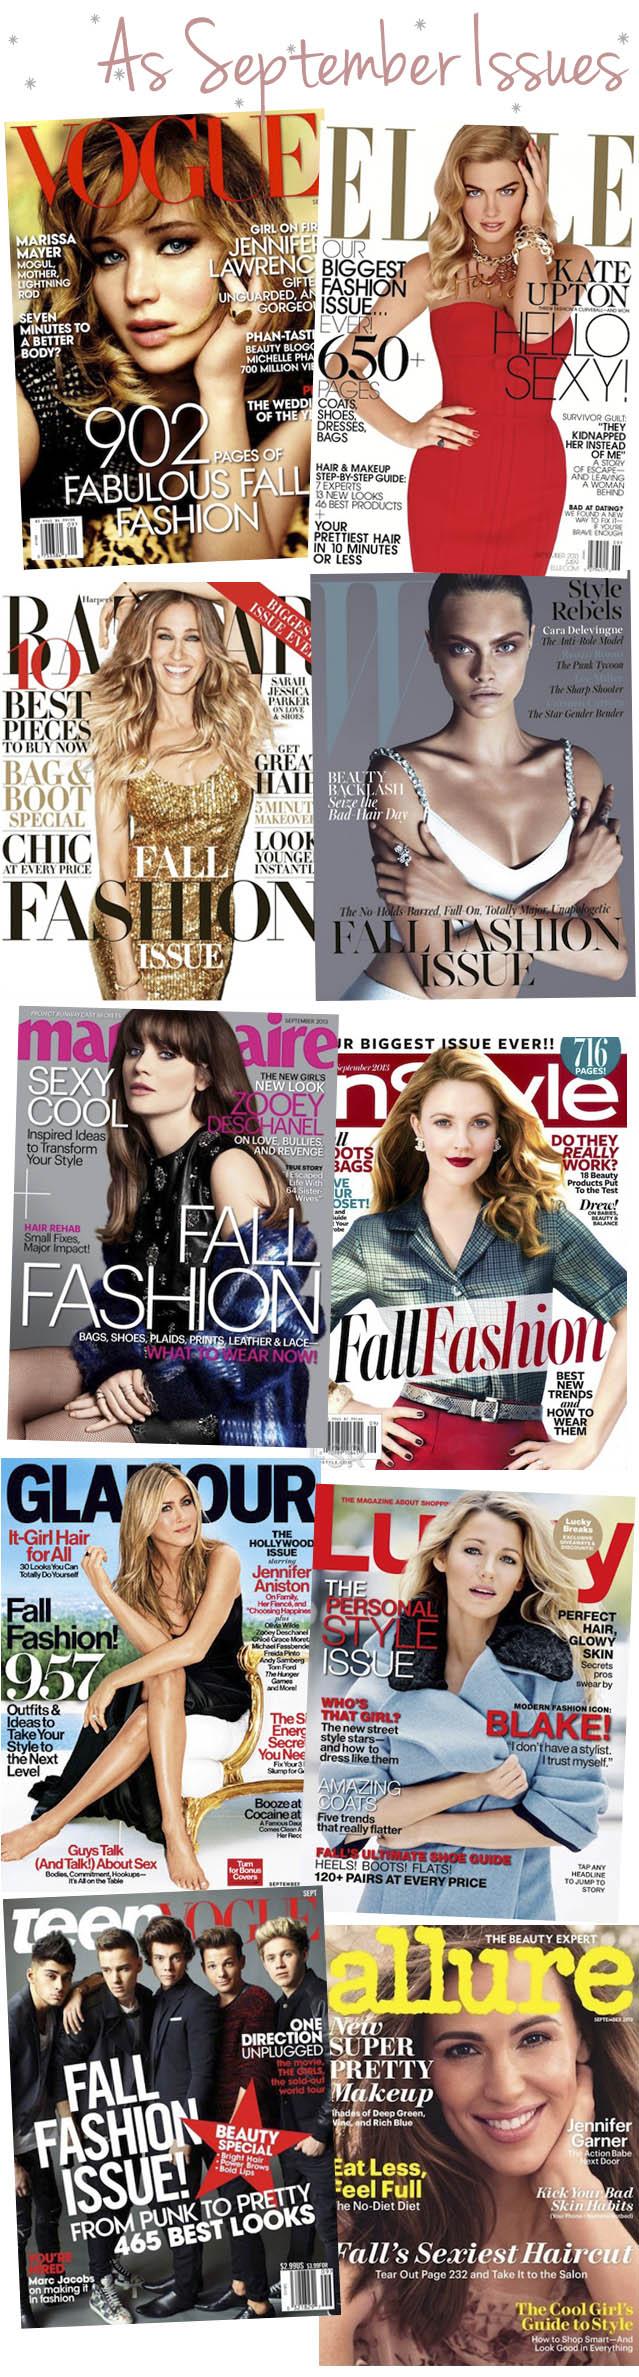 blog-da-alice-ferraz-capas-september-issues